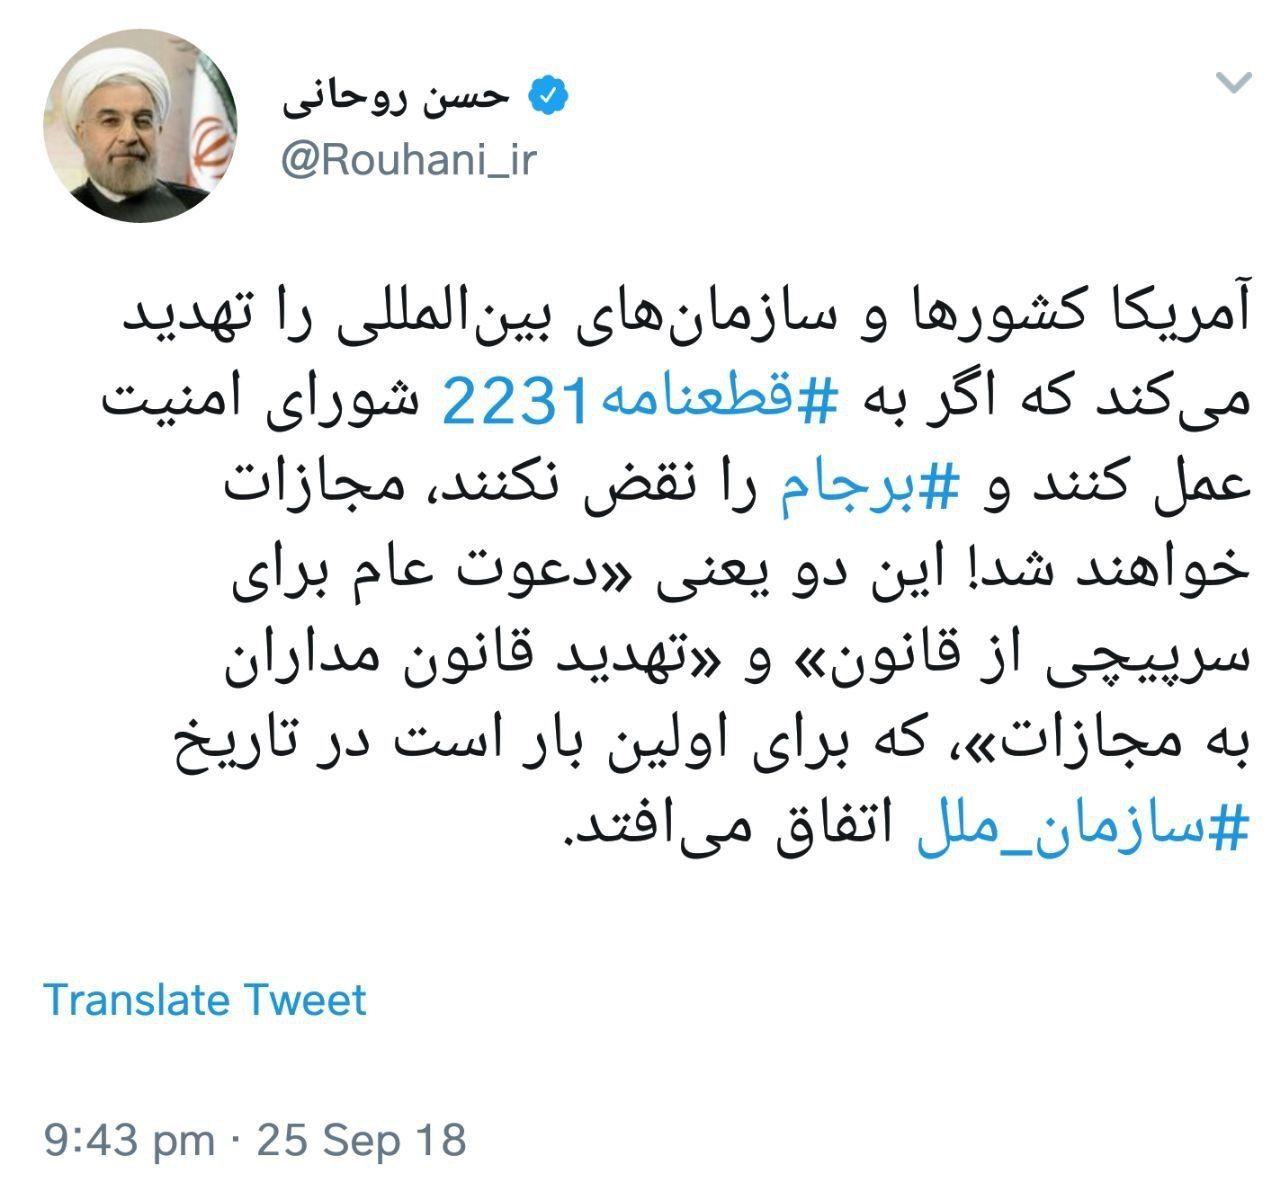 توئیت روحانی بعد از سخنرانی سازمان ملل + عکس